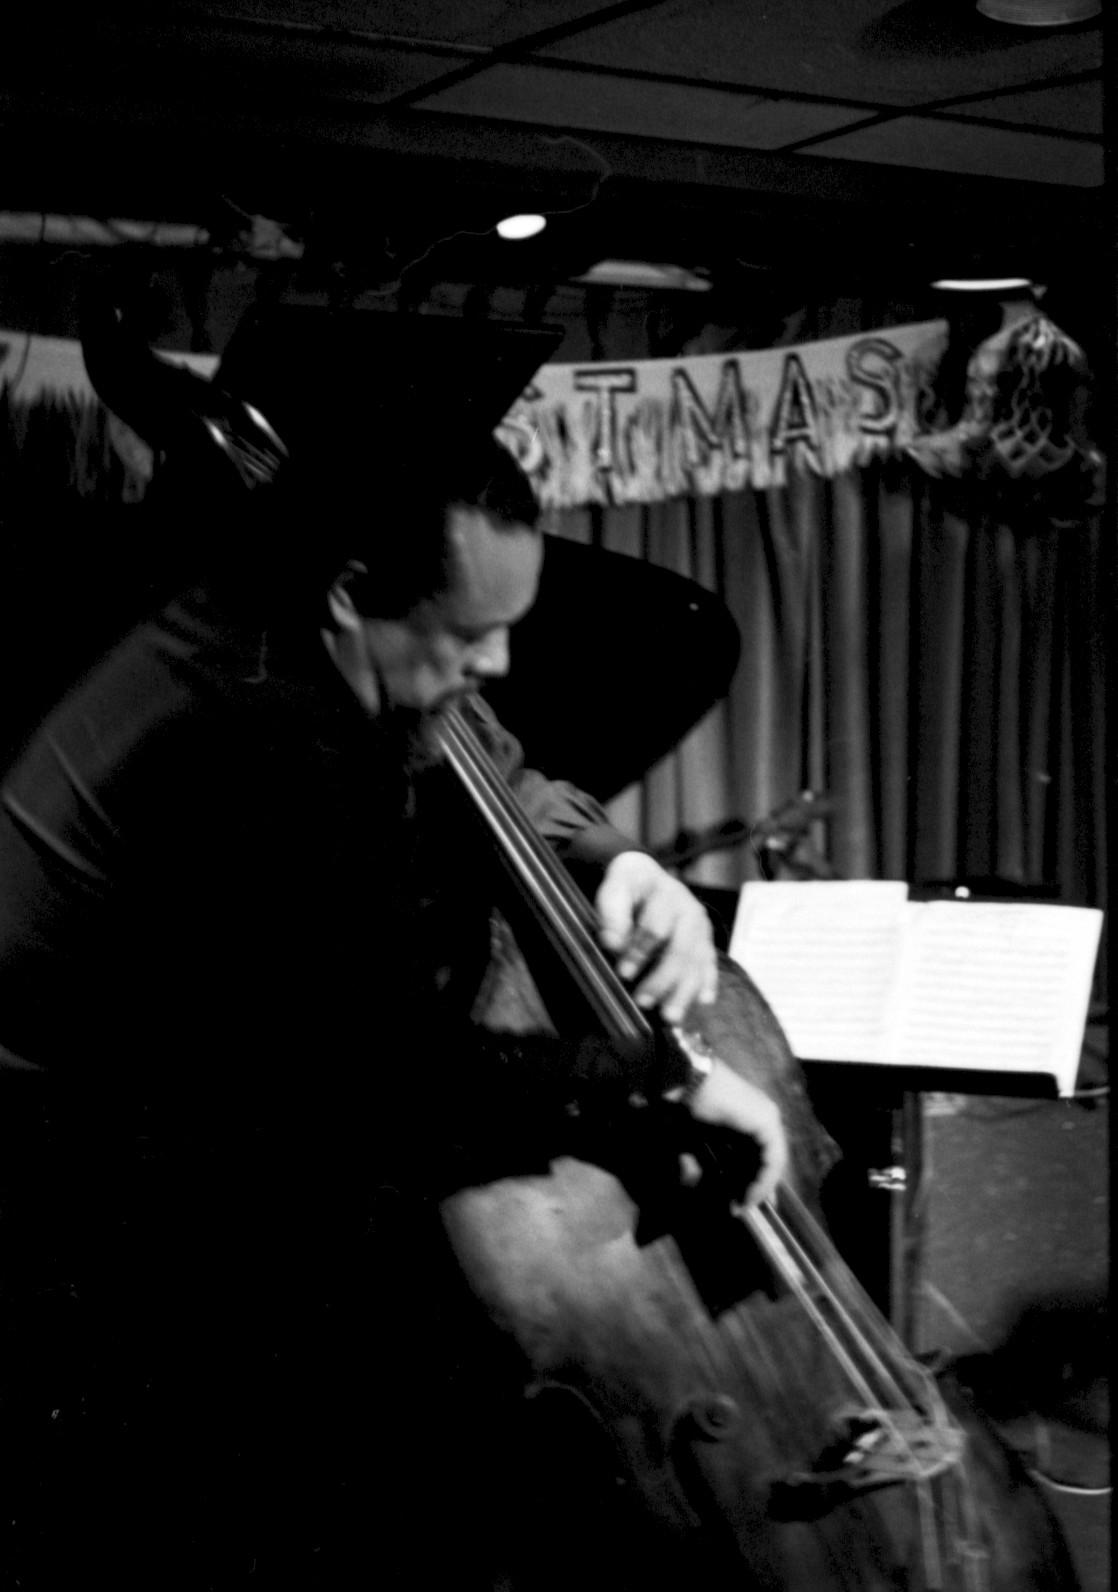 Charles mingus at jazz workshop, 1975